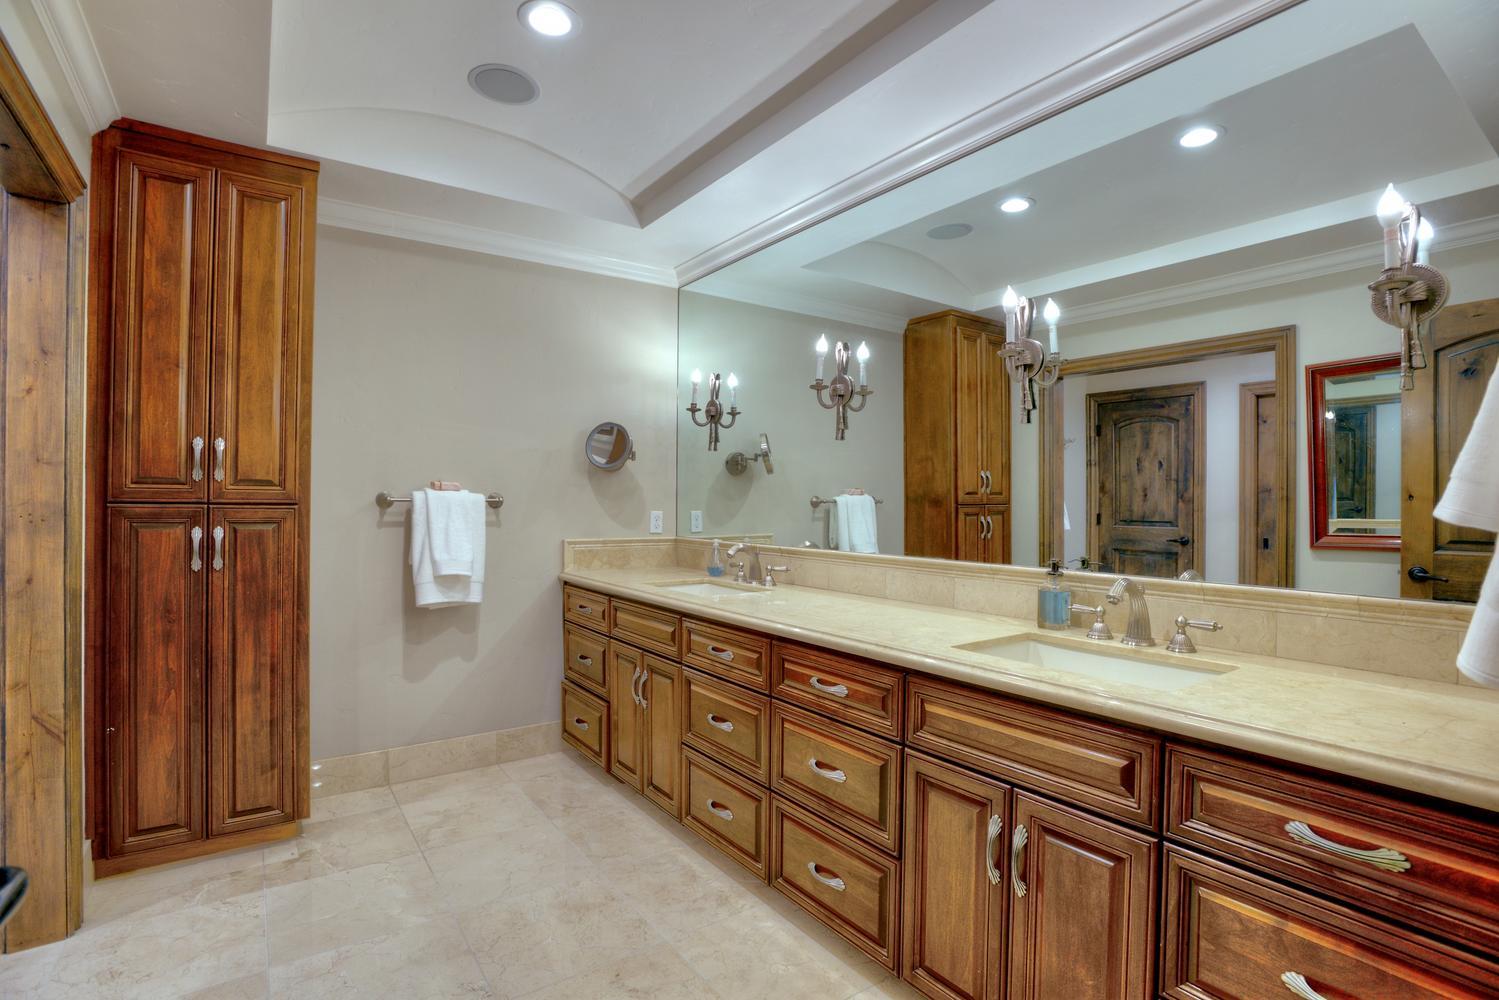 15977 Grandview Dr Monte-large-035-31-Master Bedroom Bathroom-1499x1000-72dpi.jpg